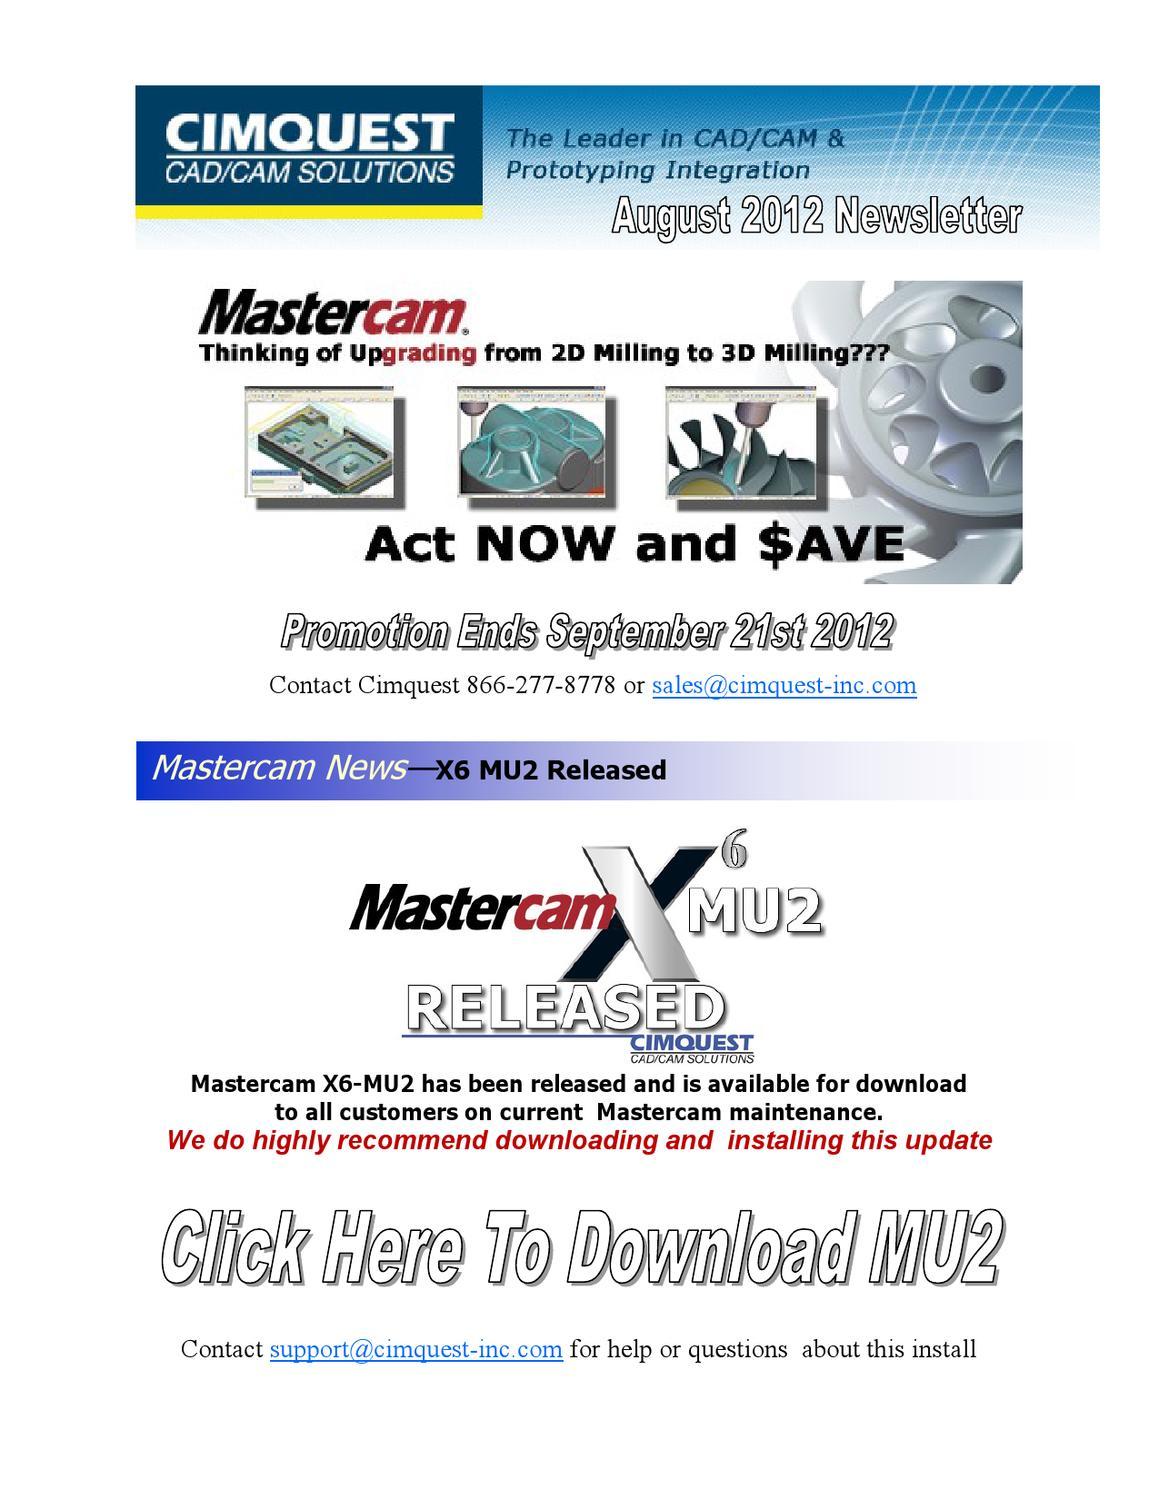 Cimquest Mastercam Newsletter - August 2012 by Cimquest - issuu